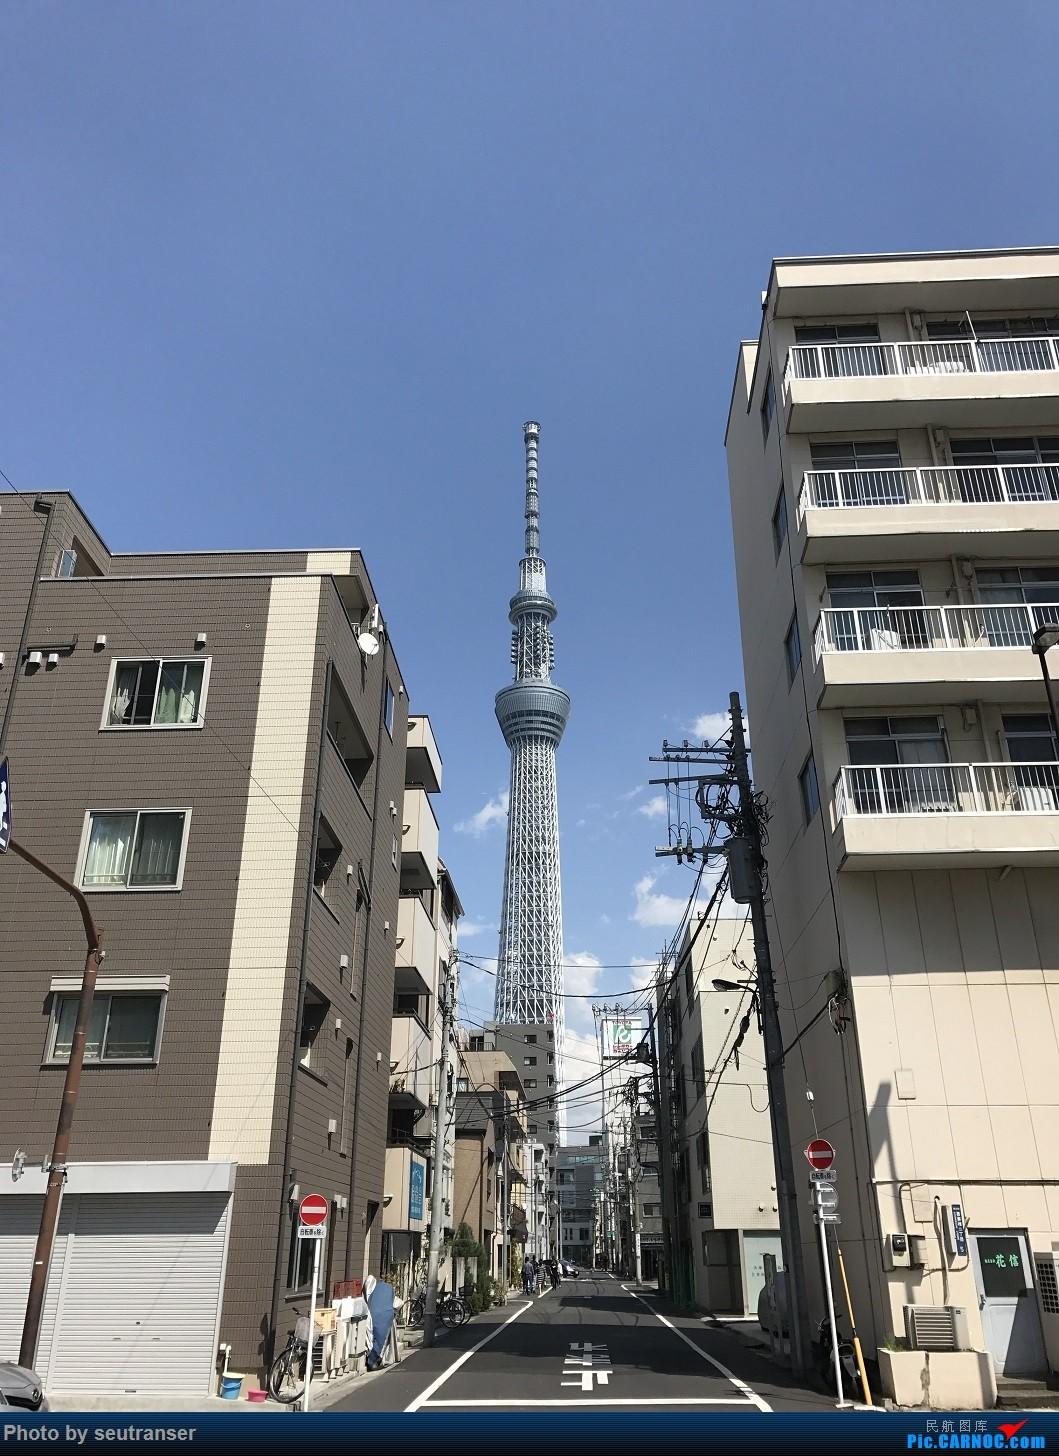 Re:[原创]迟到一年的游记,记第一次出国游 日本10天东航往返+ANA国内线+羽田机场拍机